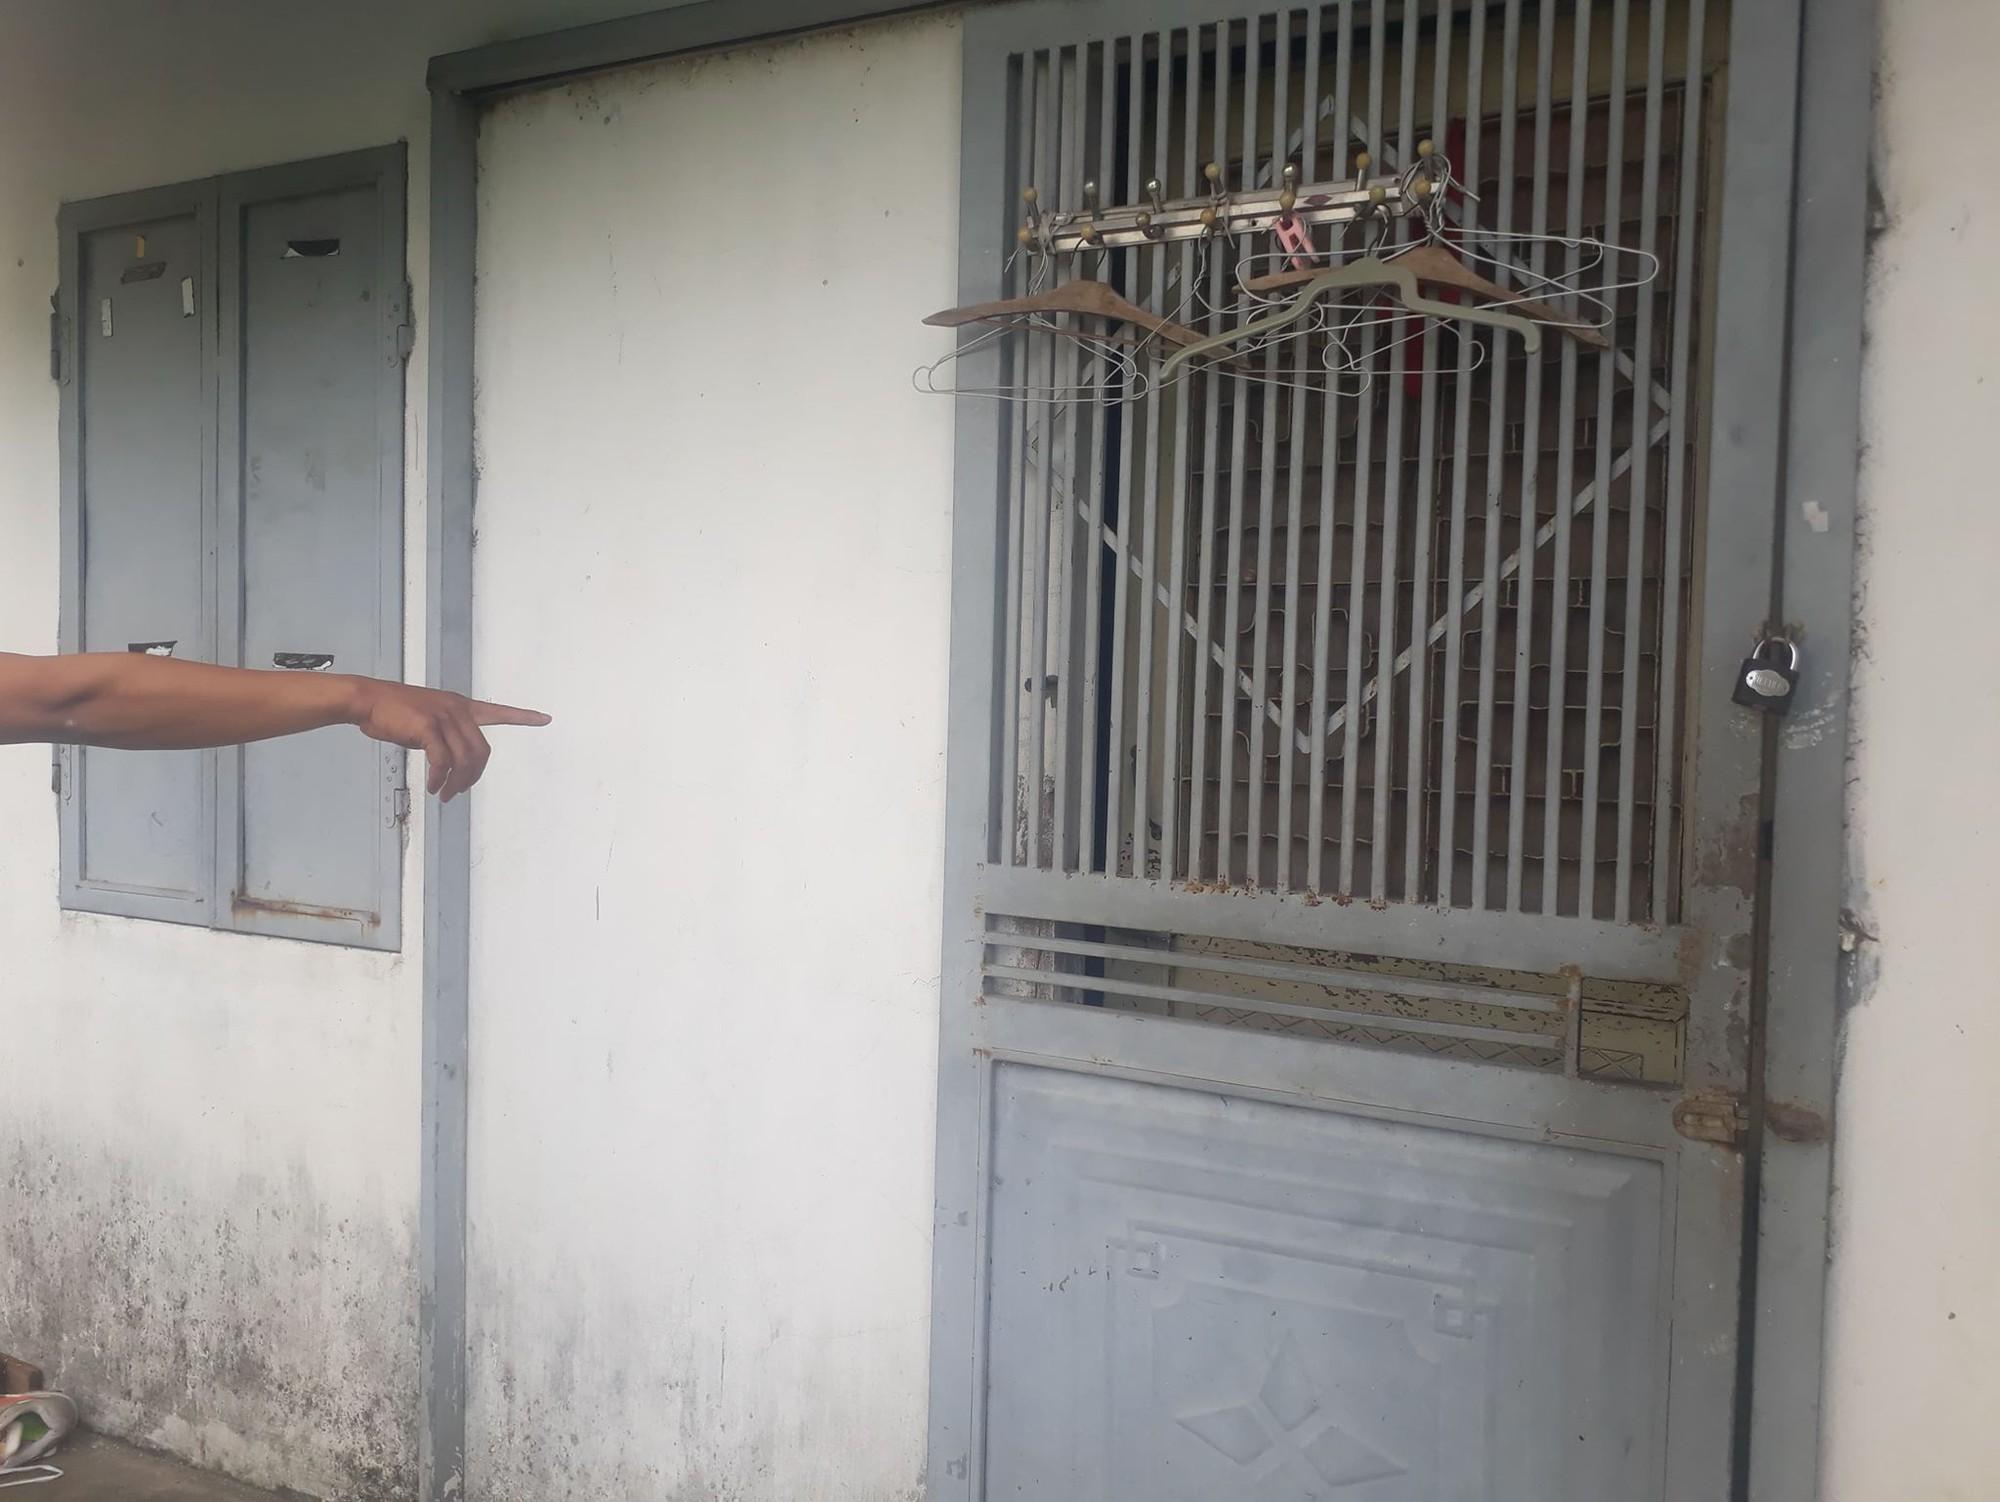 Giây phút bố đẻ khóa trái cửa, dùng tuýp sắt bạo hành dã man 2 con ở Hà Nội: Nó đánh con như đánh kẻ thù vậy! - Ảnh 1.